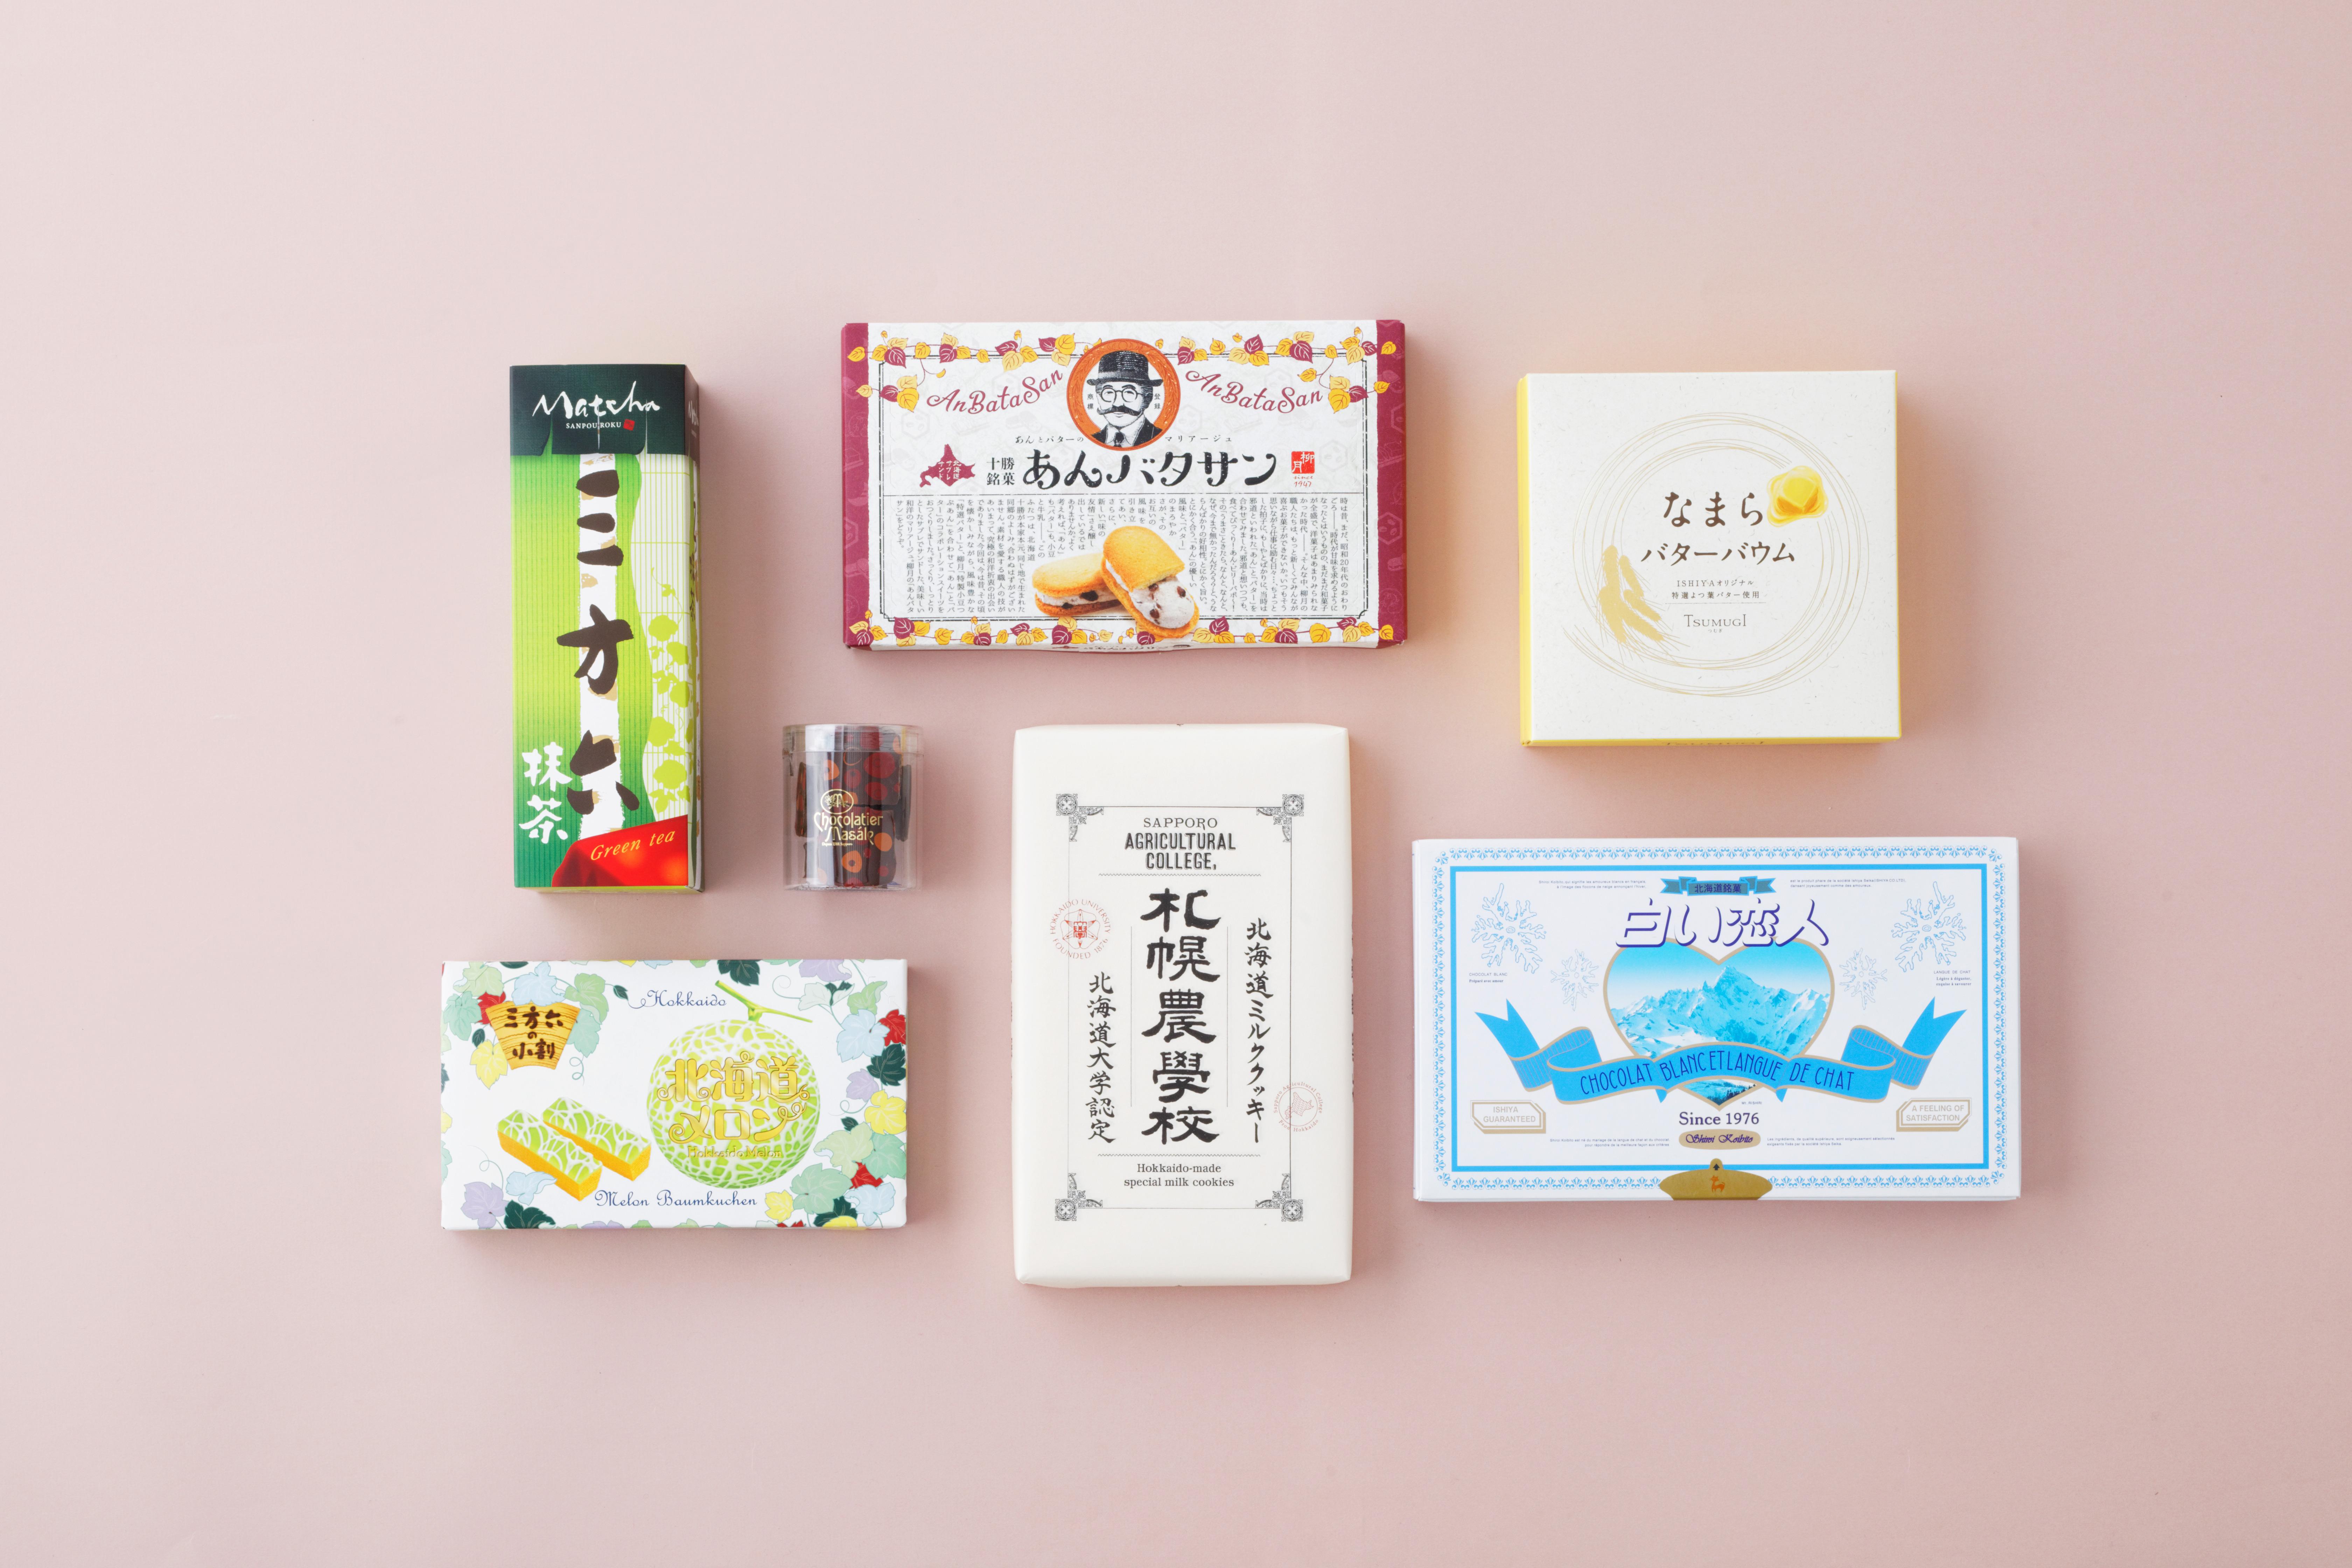 コロナ禍で需要減の北海道産牛乳・乳製品を支援 47CLUBと北海道新聞社が連携、ホクレン「菓子フェス」サイト展開 画像1